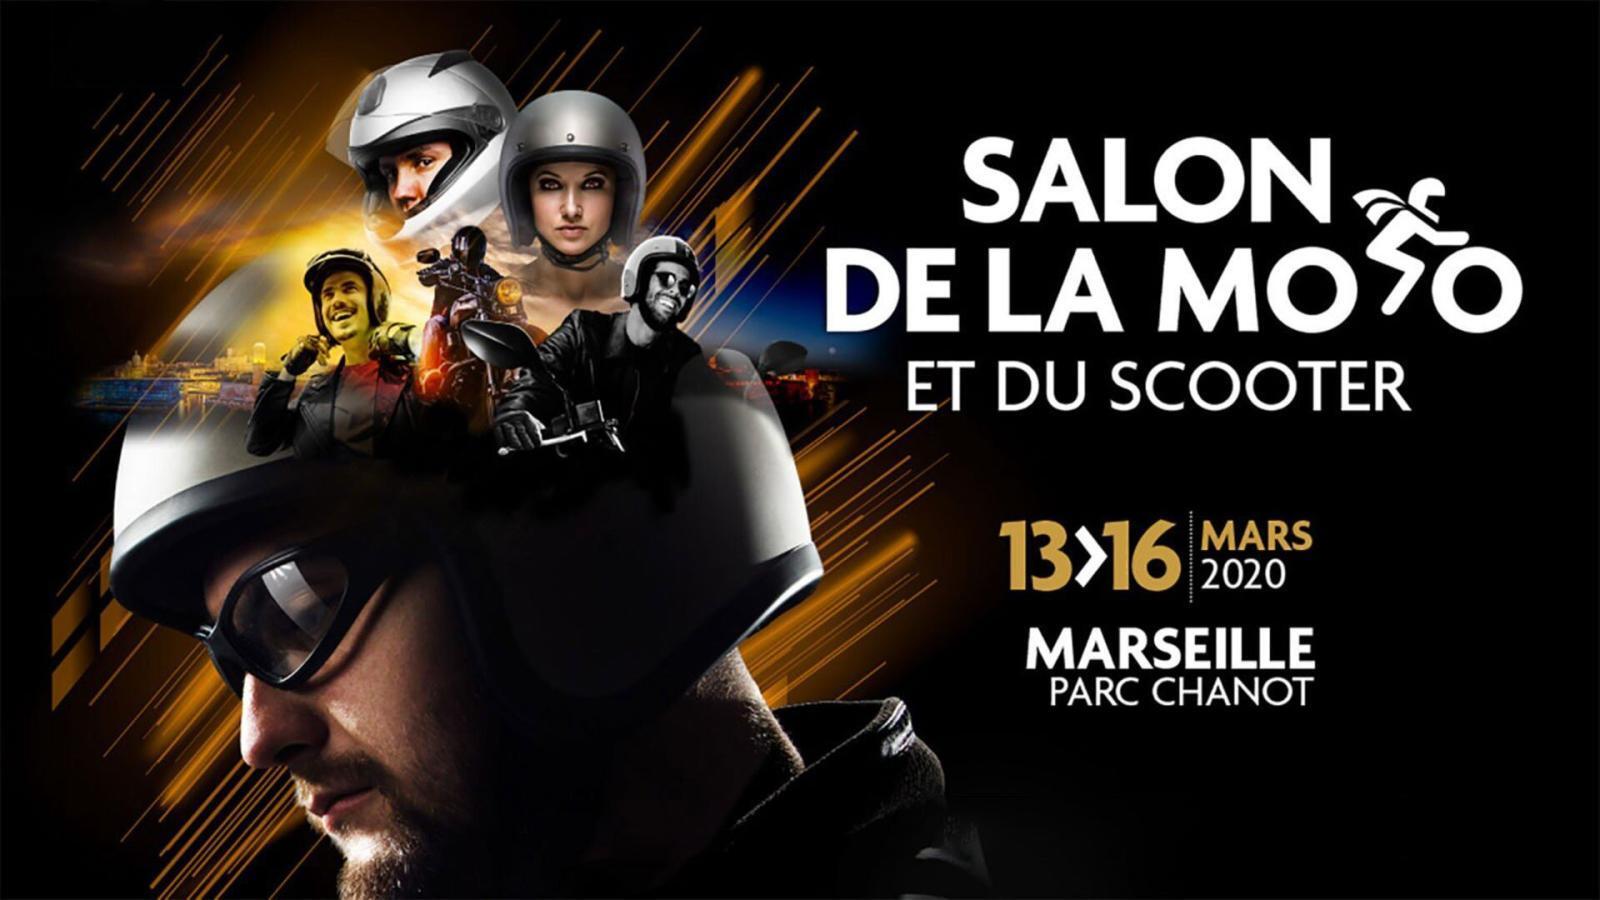 Salon de la moto Marseille 2020